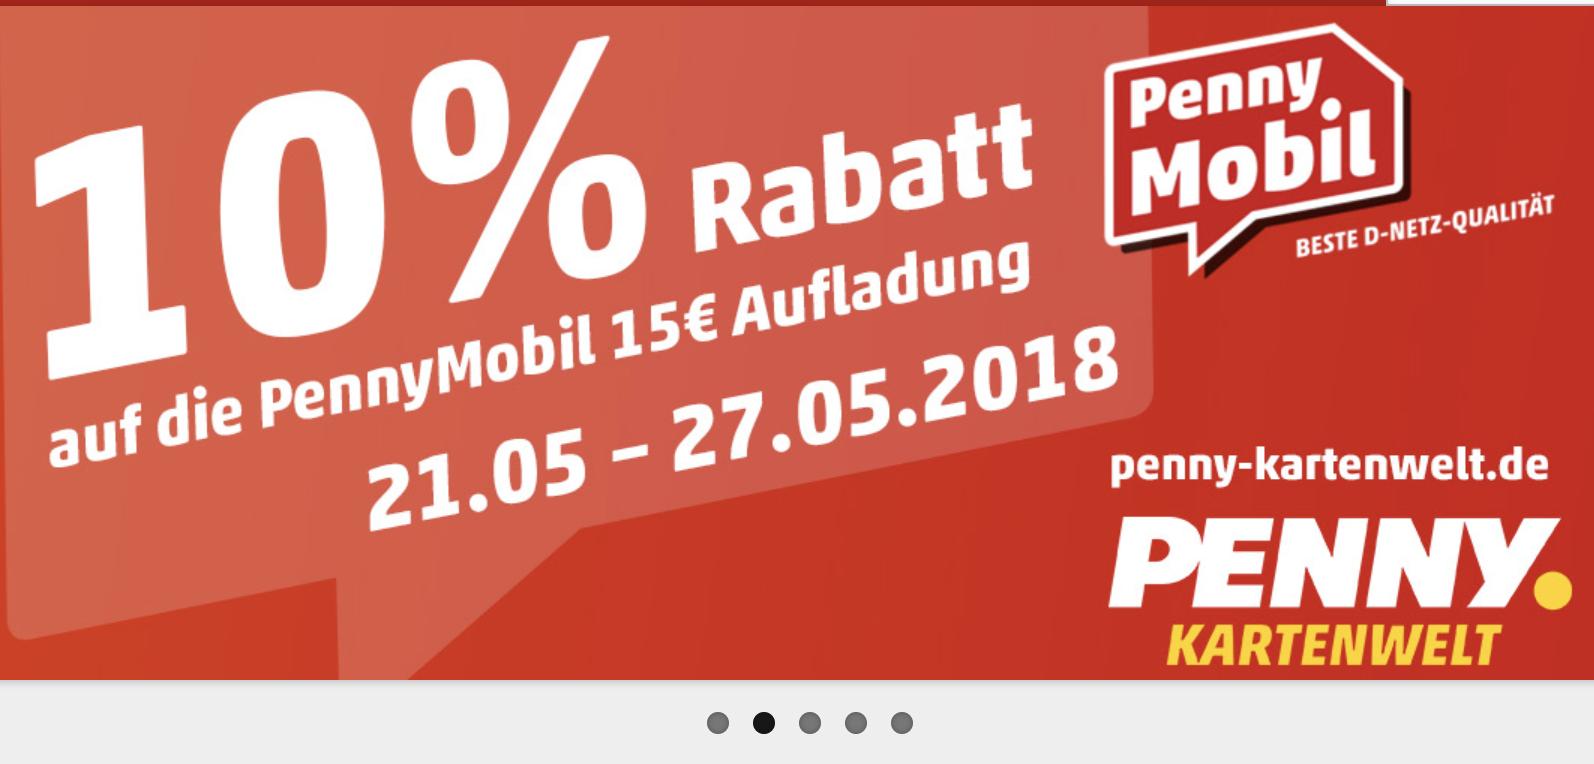 Penny Mobil - 10 % Rabatt